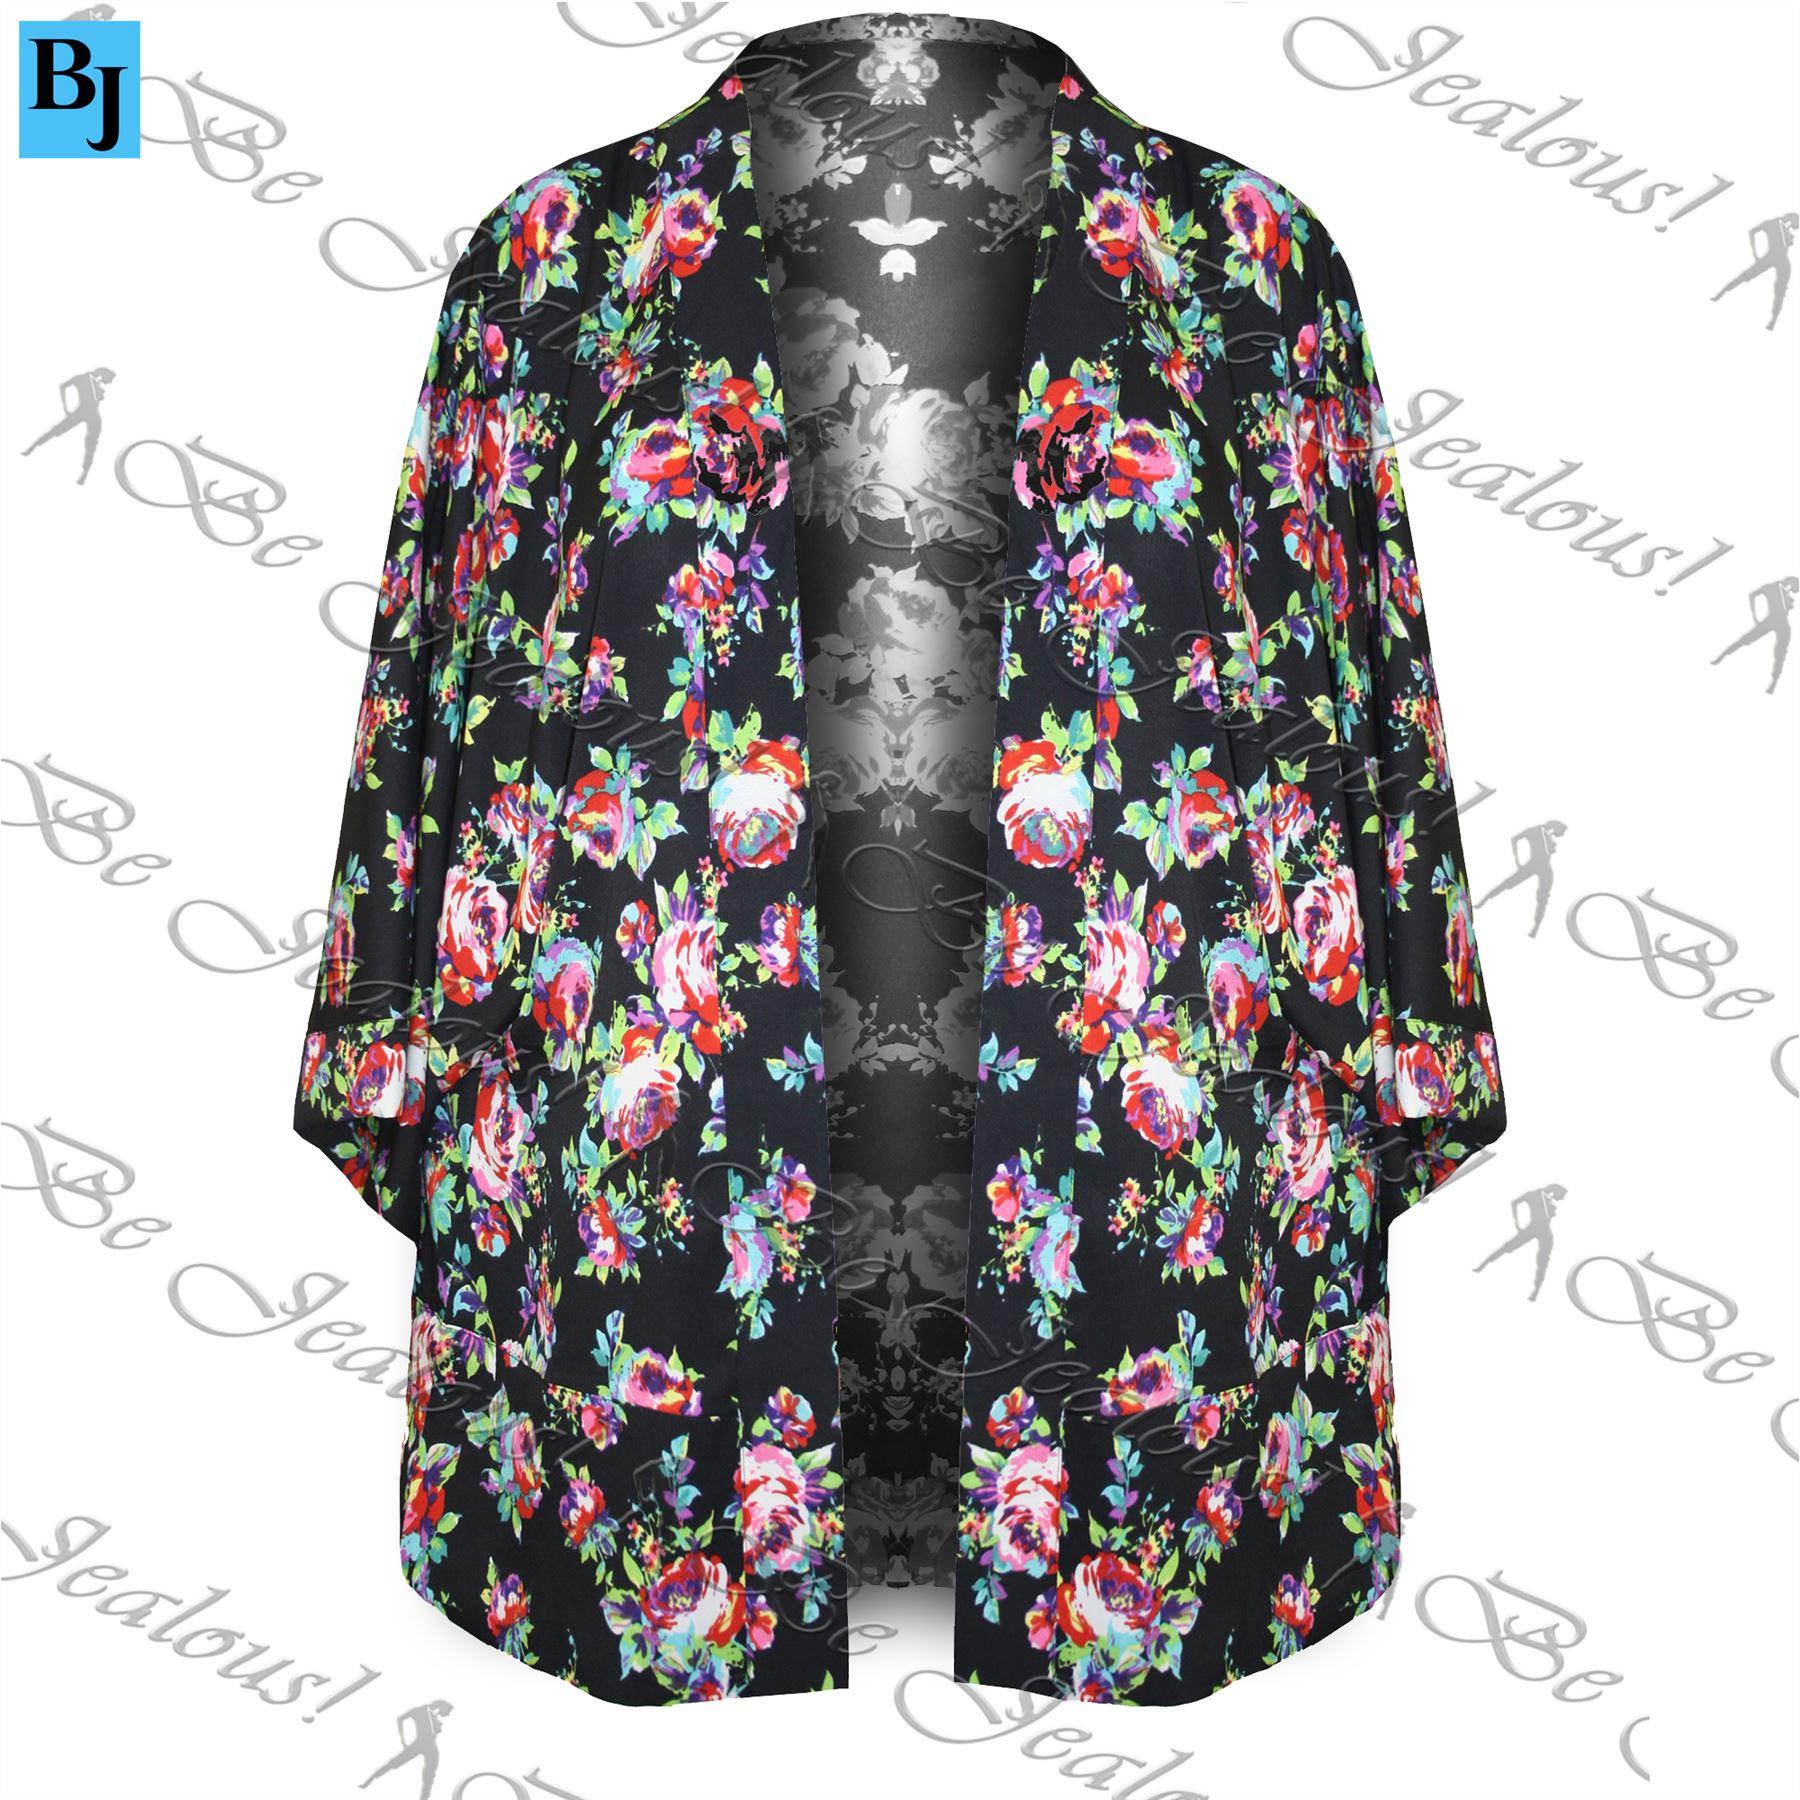 Femme-femmes-kimono-vintage-veste-cape-hippie-manteau-retro-loose-fit-blazer-top